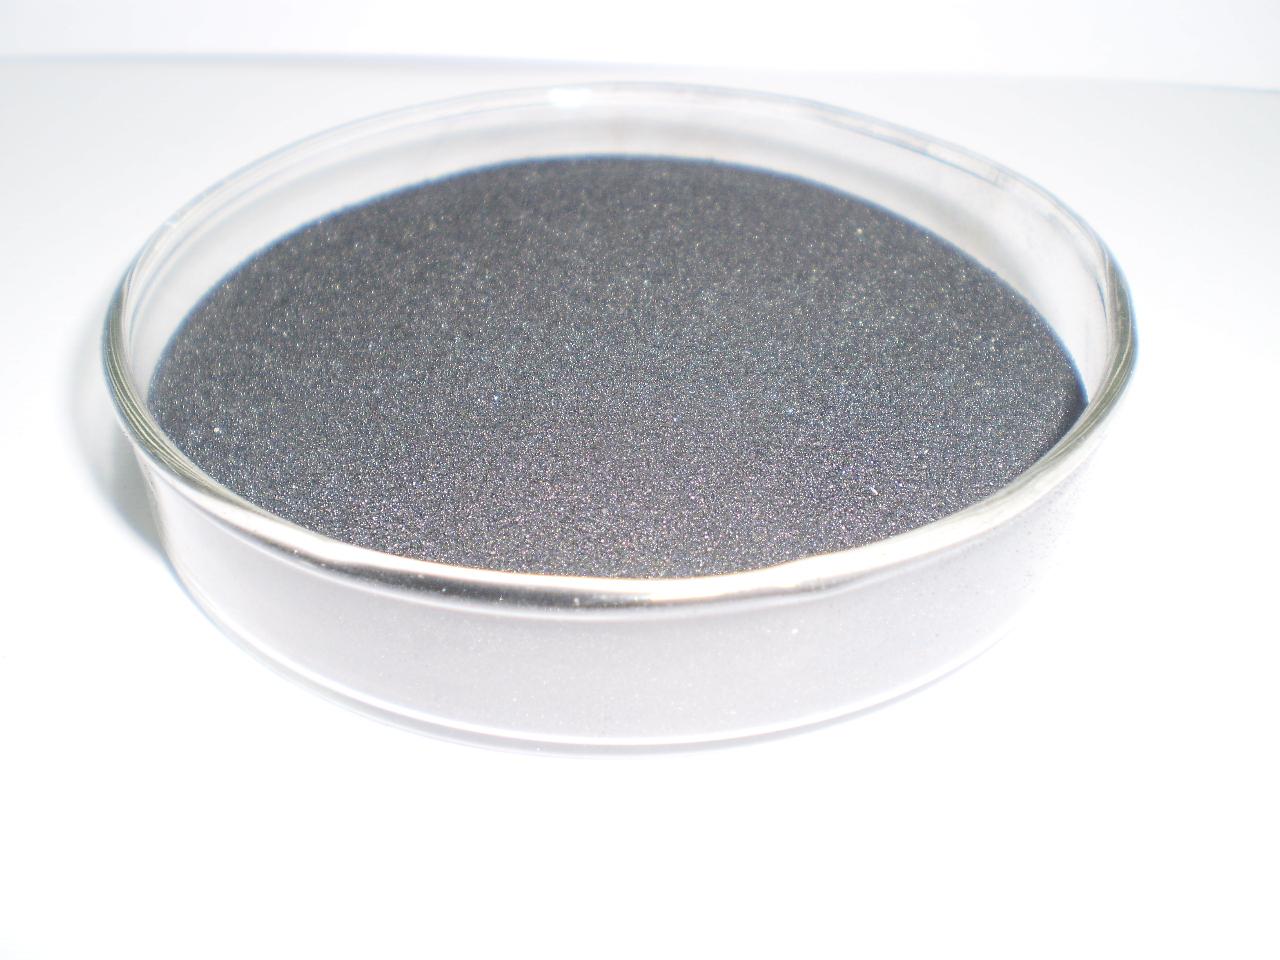 Sodium-lignohumate